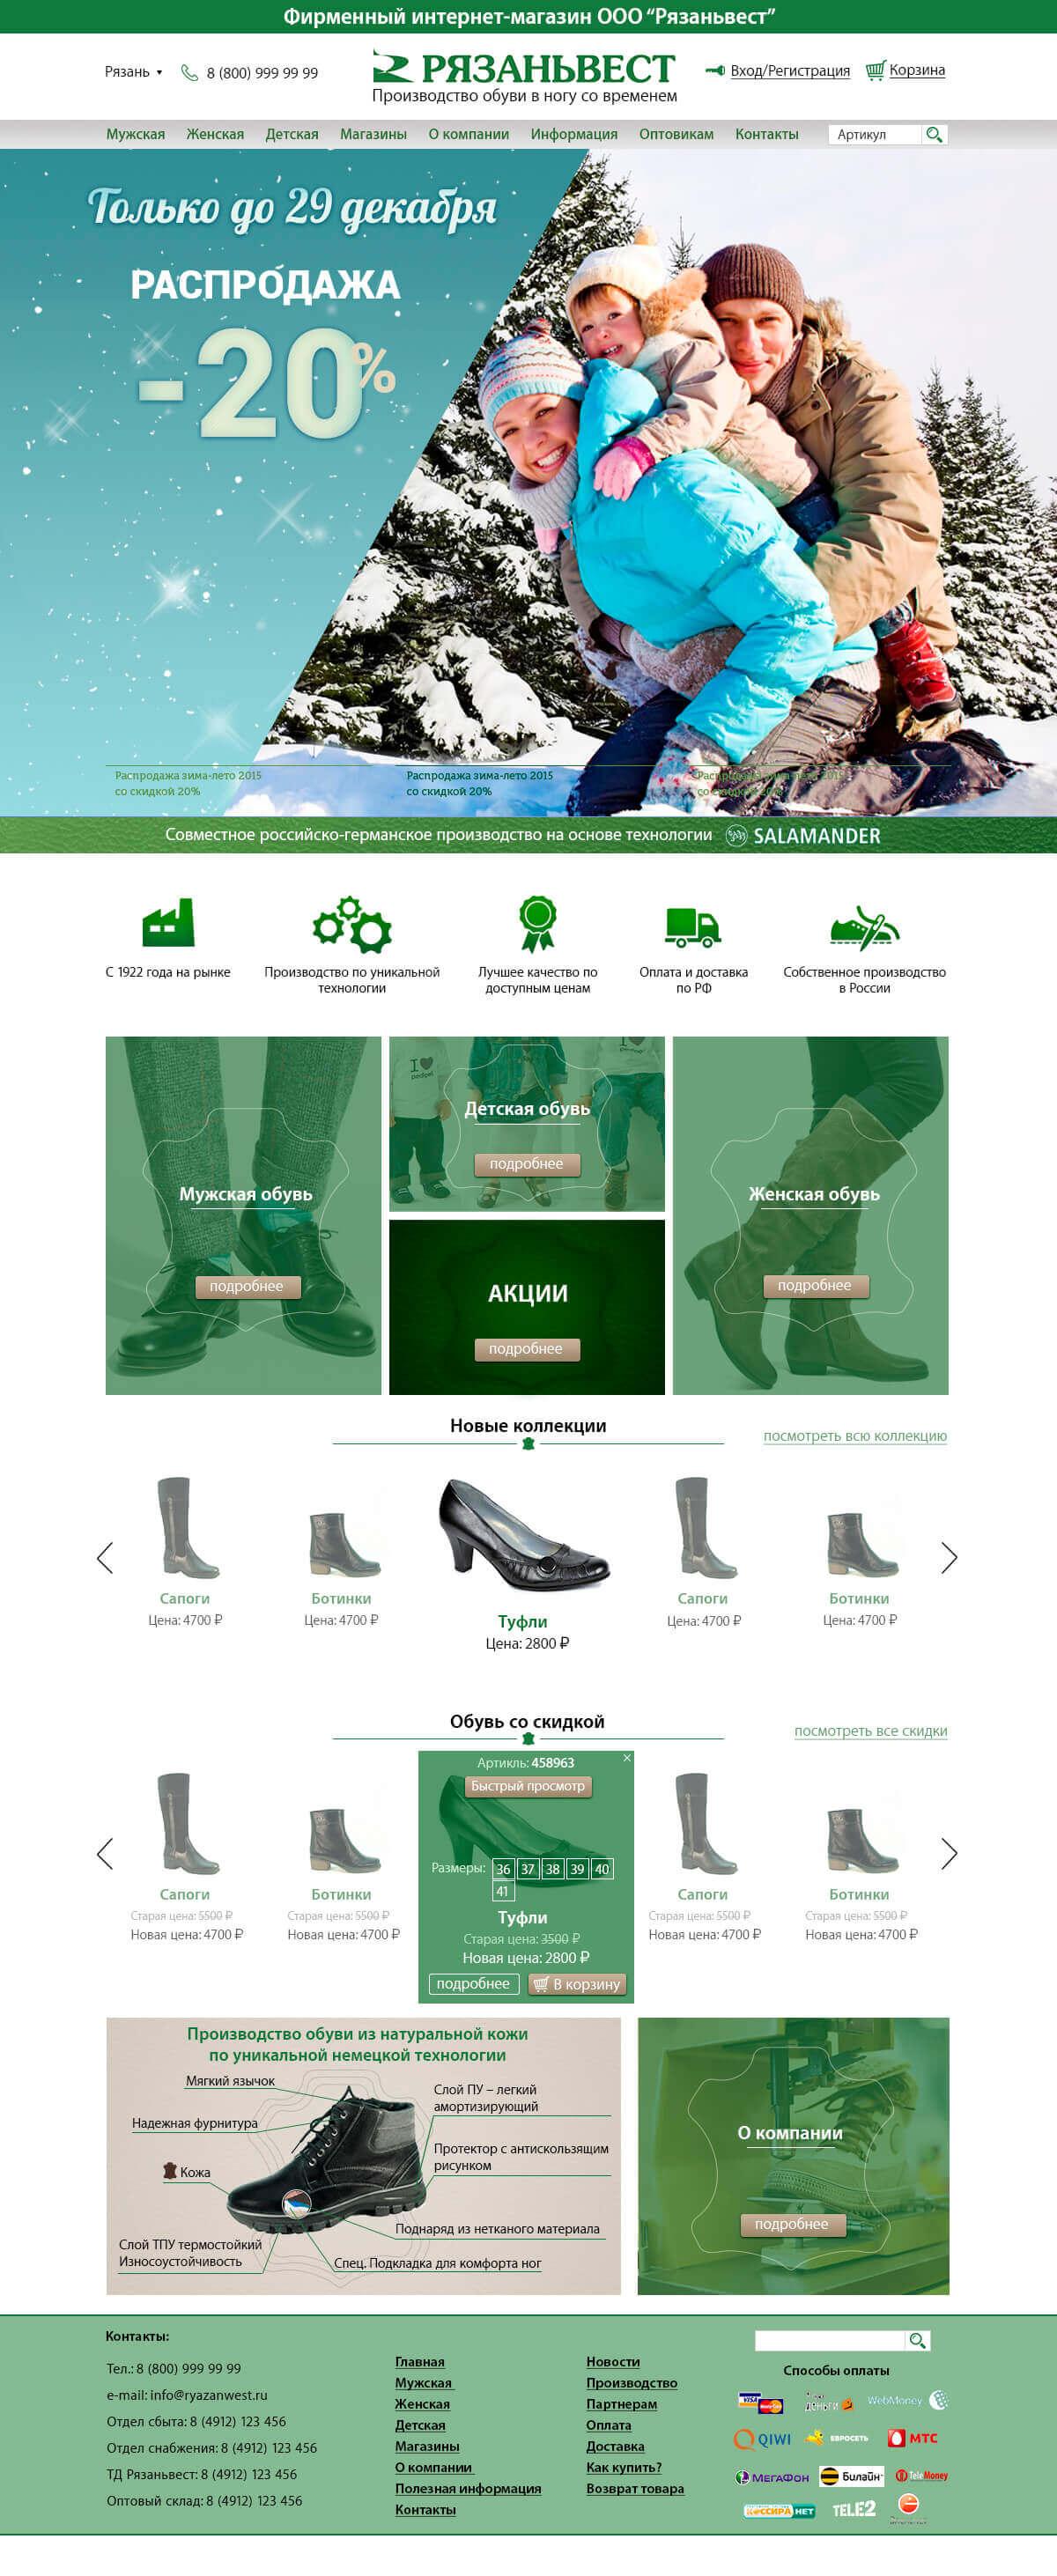 Фирменный интернет-магазин Рязаньвест